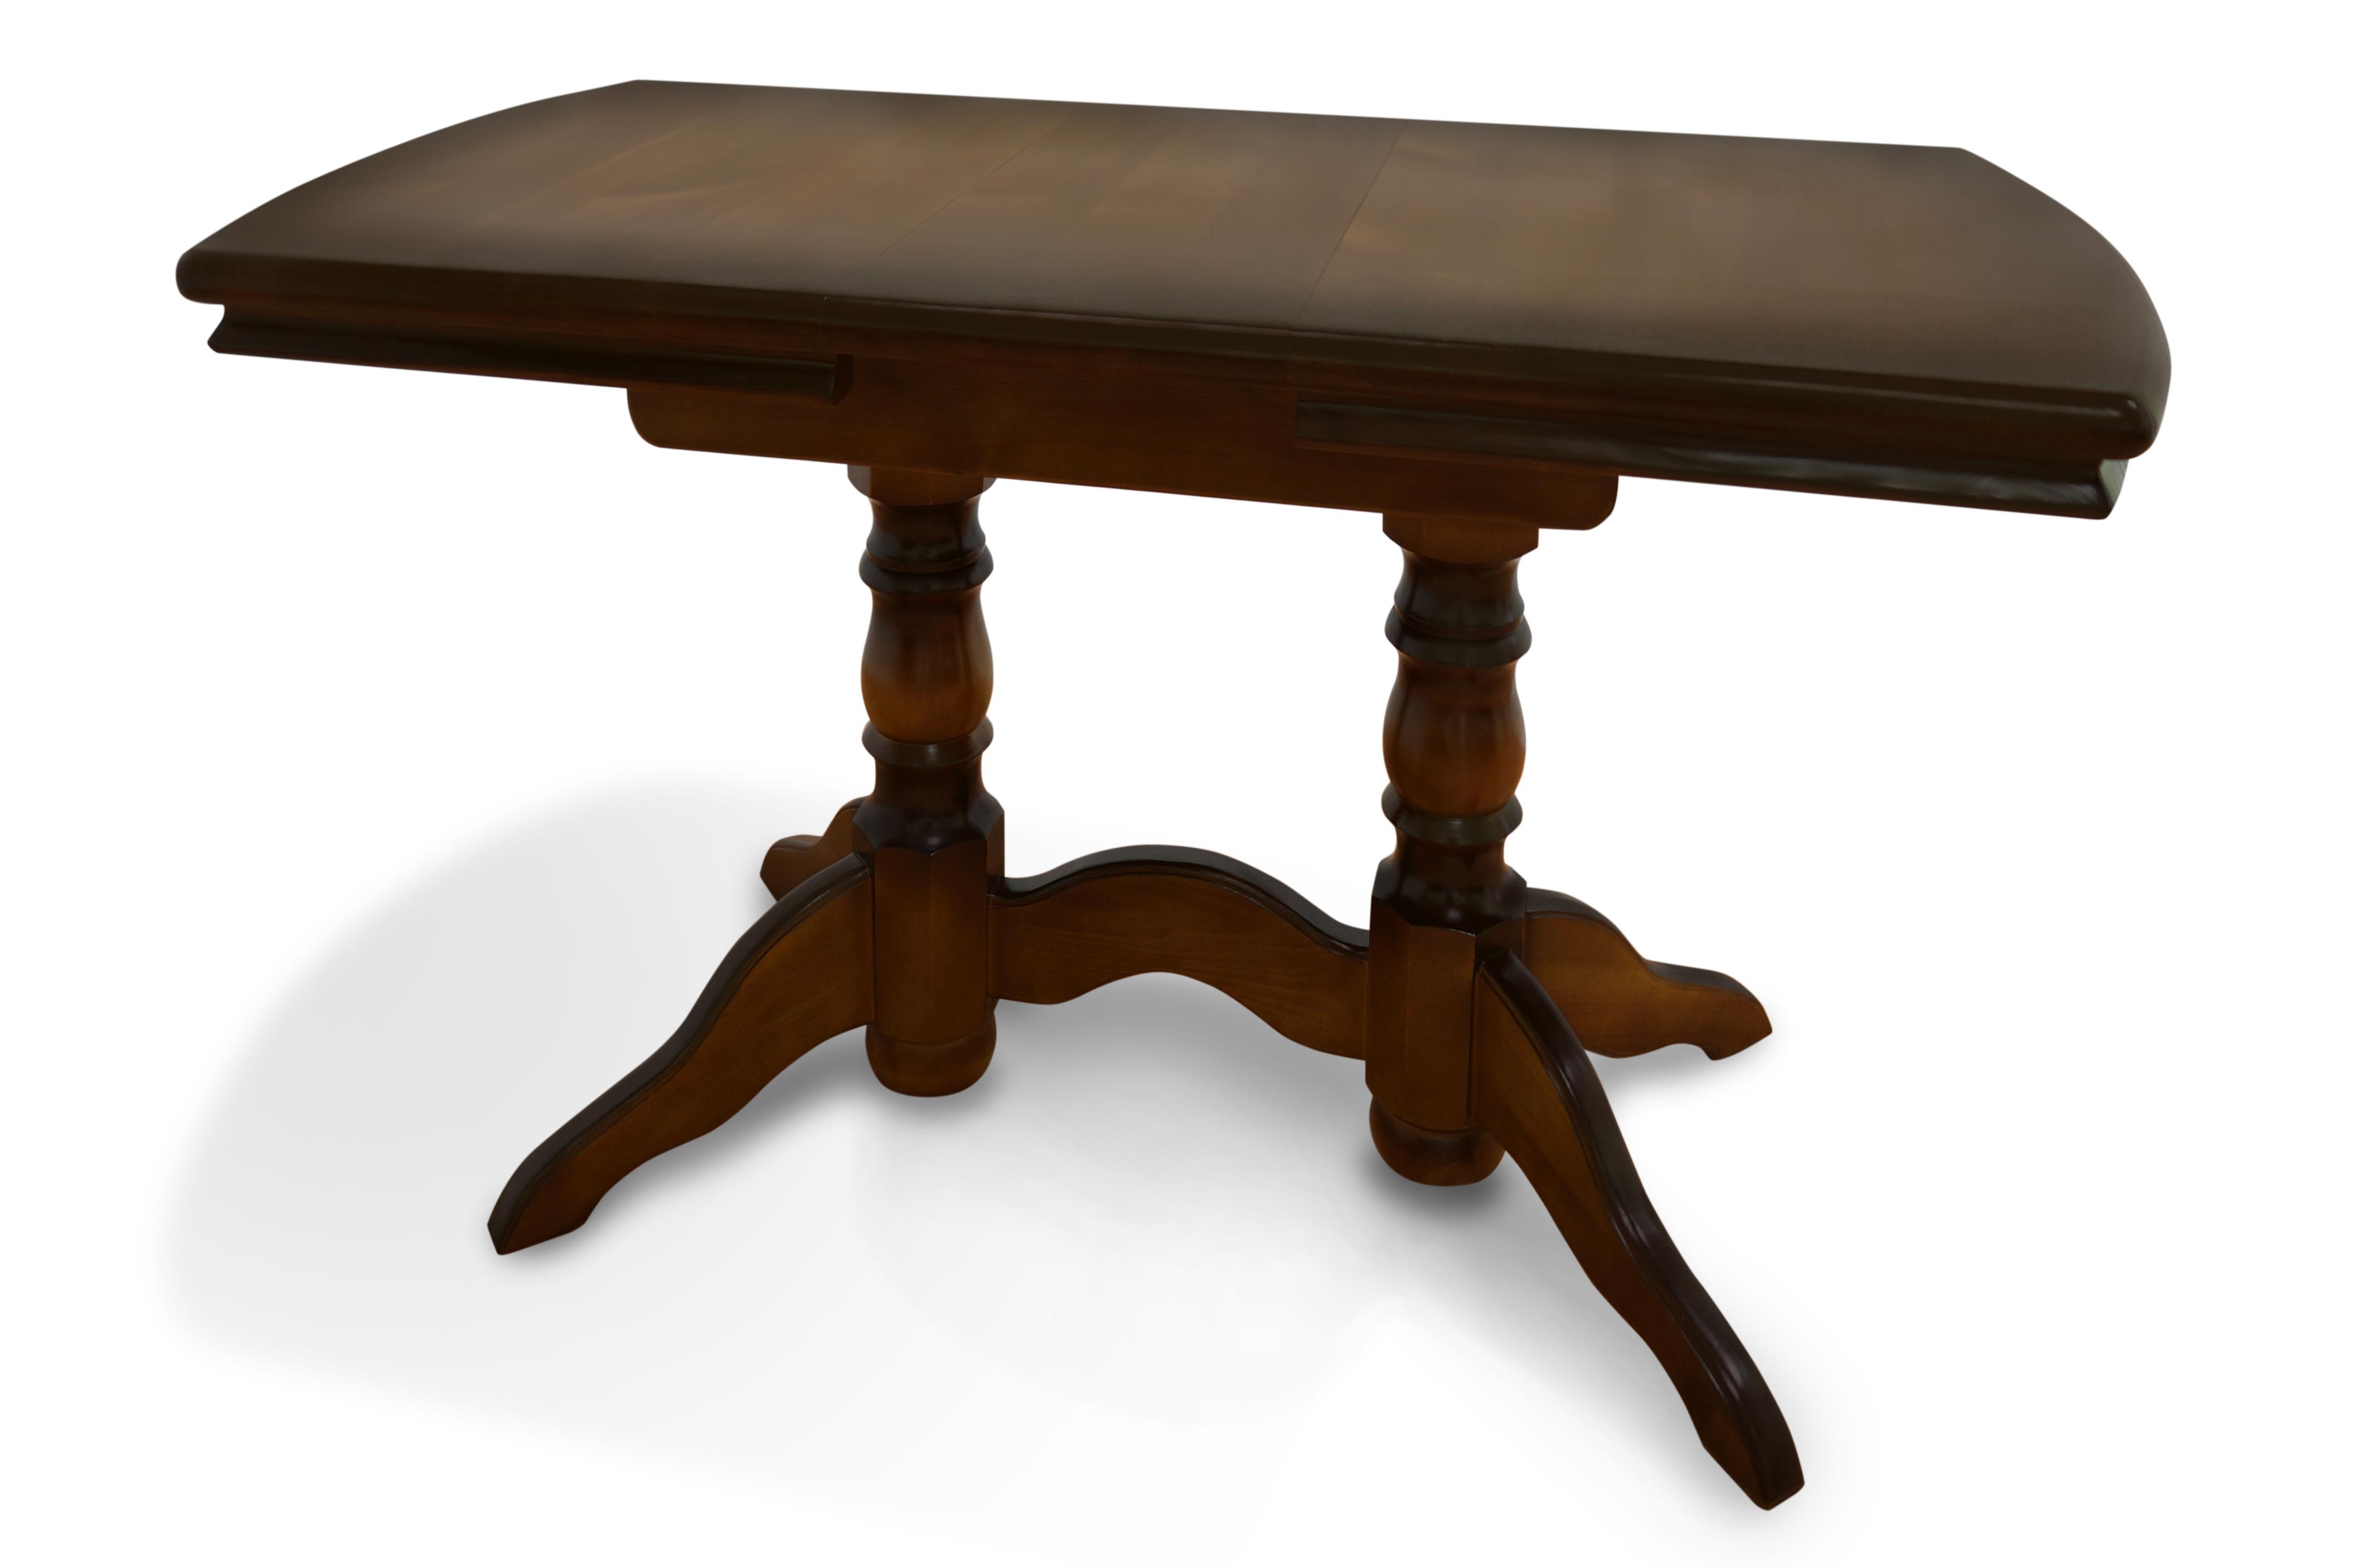 Стол из массива дерева Бэйкер стол laredoute обеденный круглый из массива сосны authentic style 8 персоны бежевый